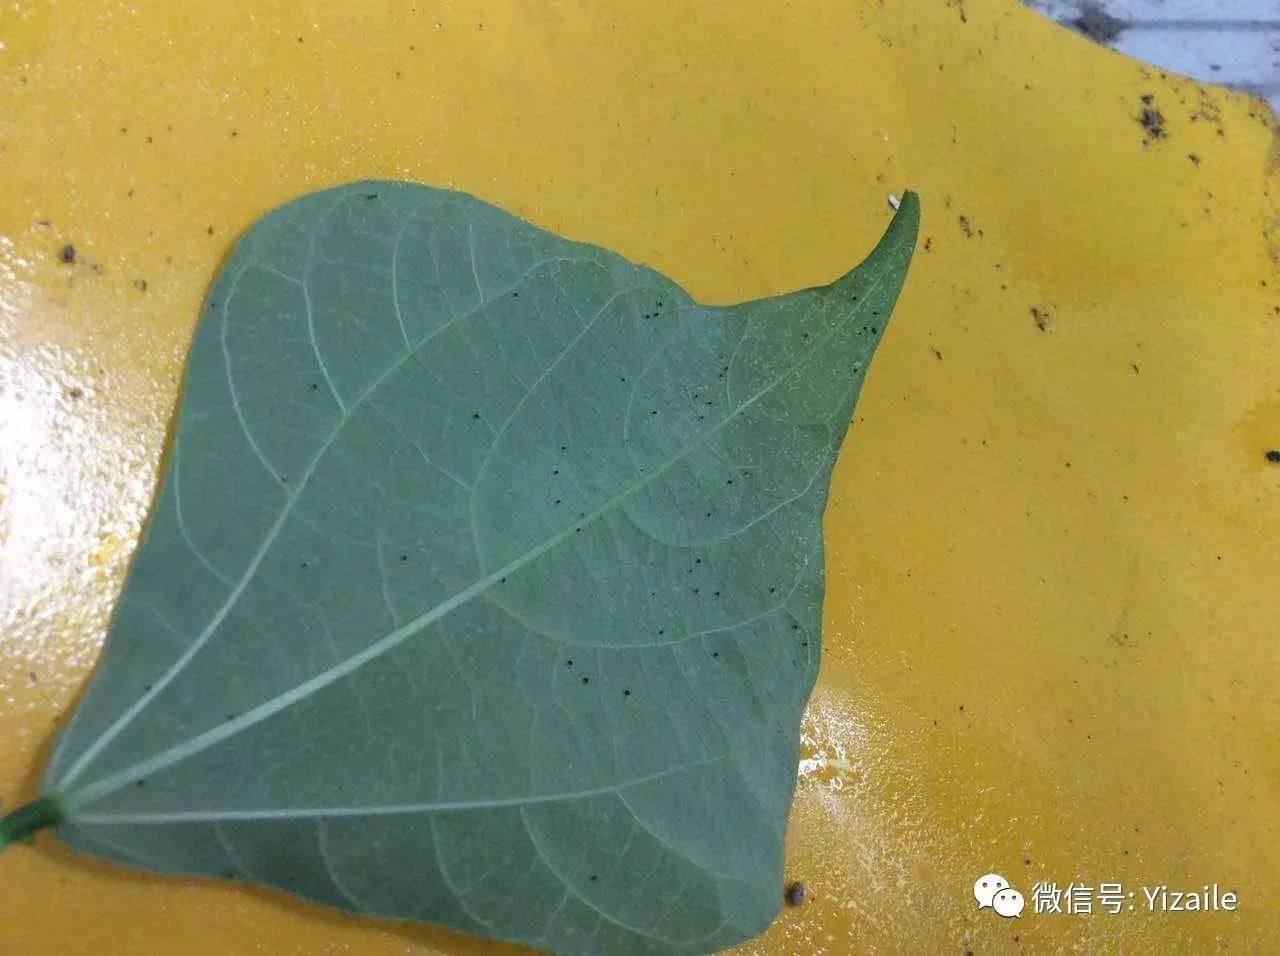 一问一答 驱赶蚂蚁老鼠 米苋长白斑点 生姜卷叶 丝瓜流脓 芦荟有什么用